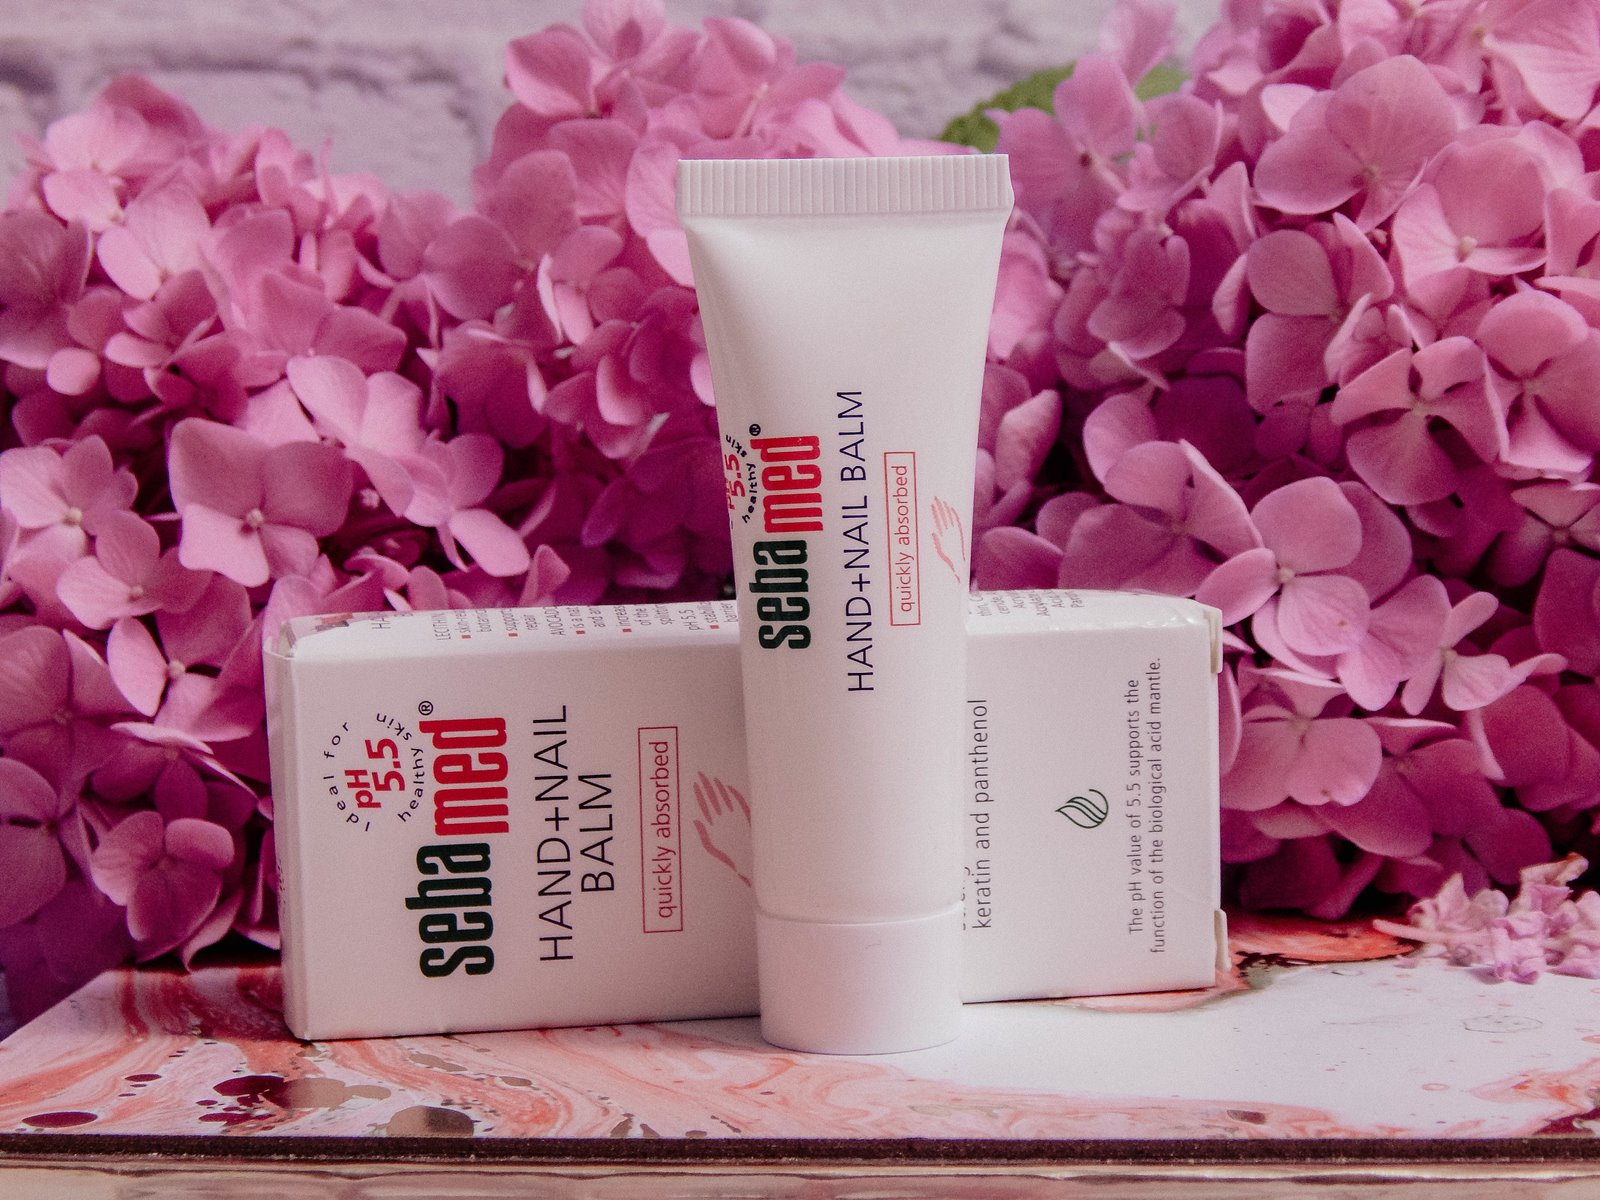 8 recenzja nowości kosmetyczne trico botanica szampon odzywka opinie recenzja pink marshmallow i love balmi recenzja nutka balsam do higieny intymnej okłady maska na oczy rozgrzewająca balsam strawberries and cream seba med